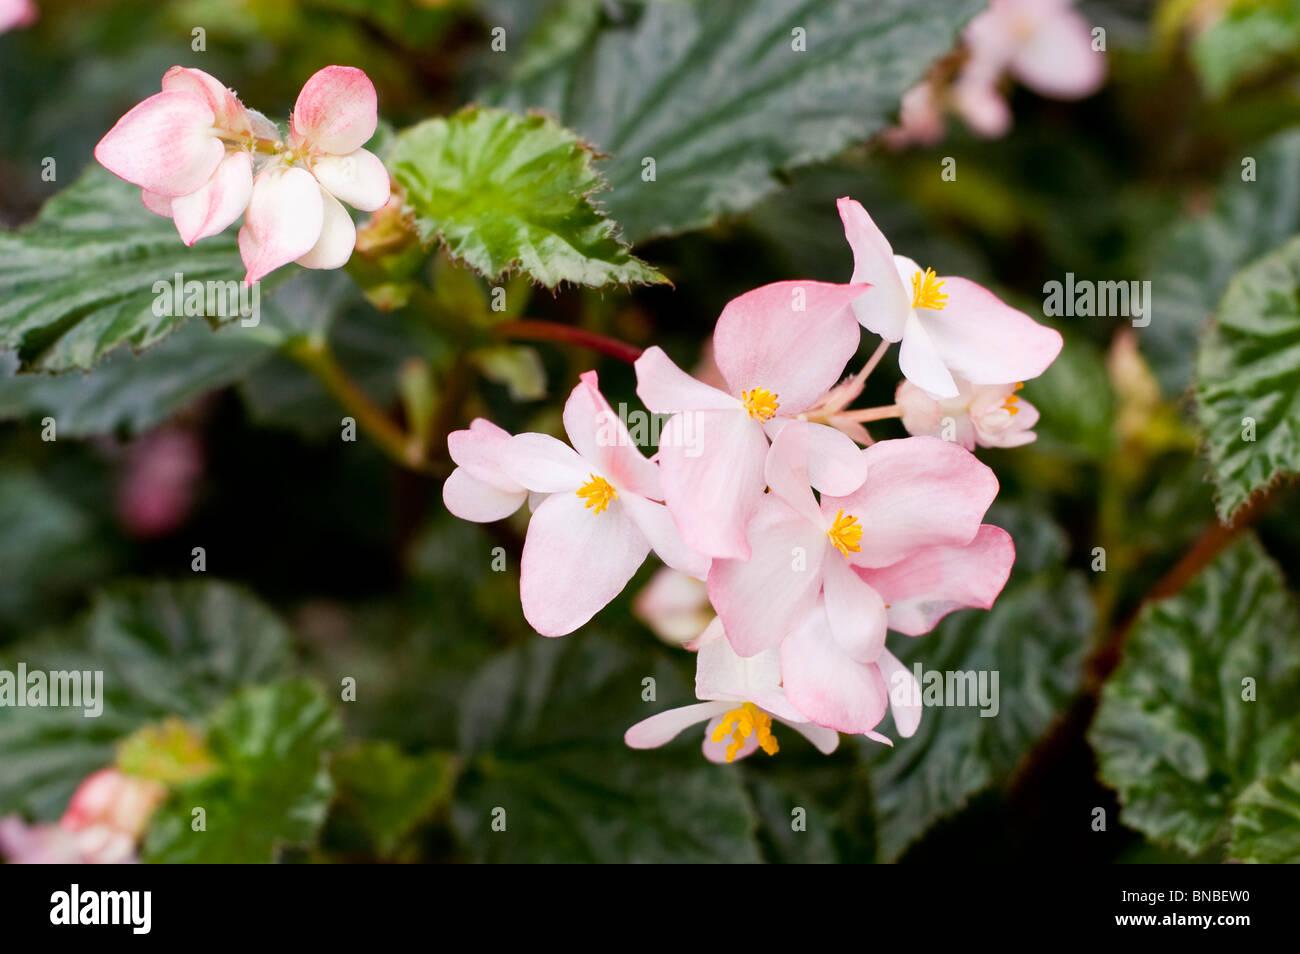 White pink flowers of Begonia Richmondensis, Begoniaceae - Stock Image